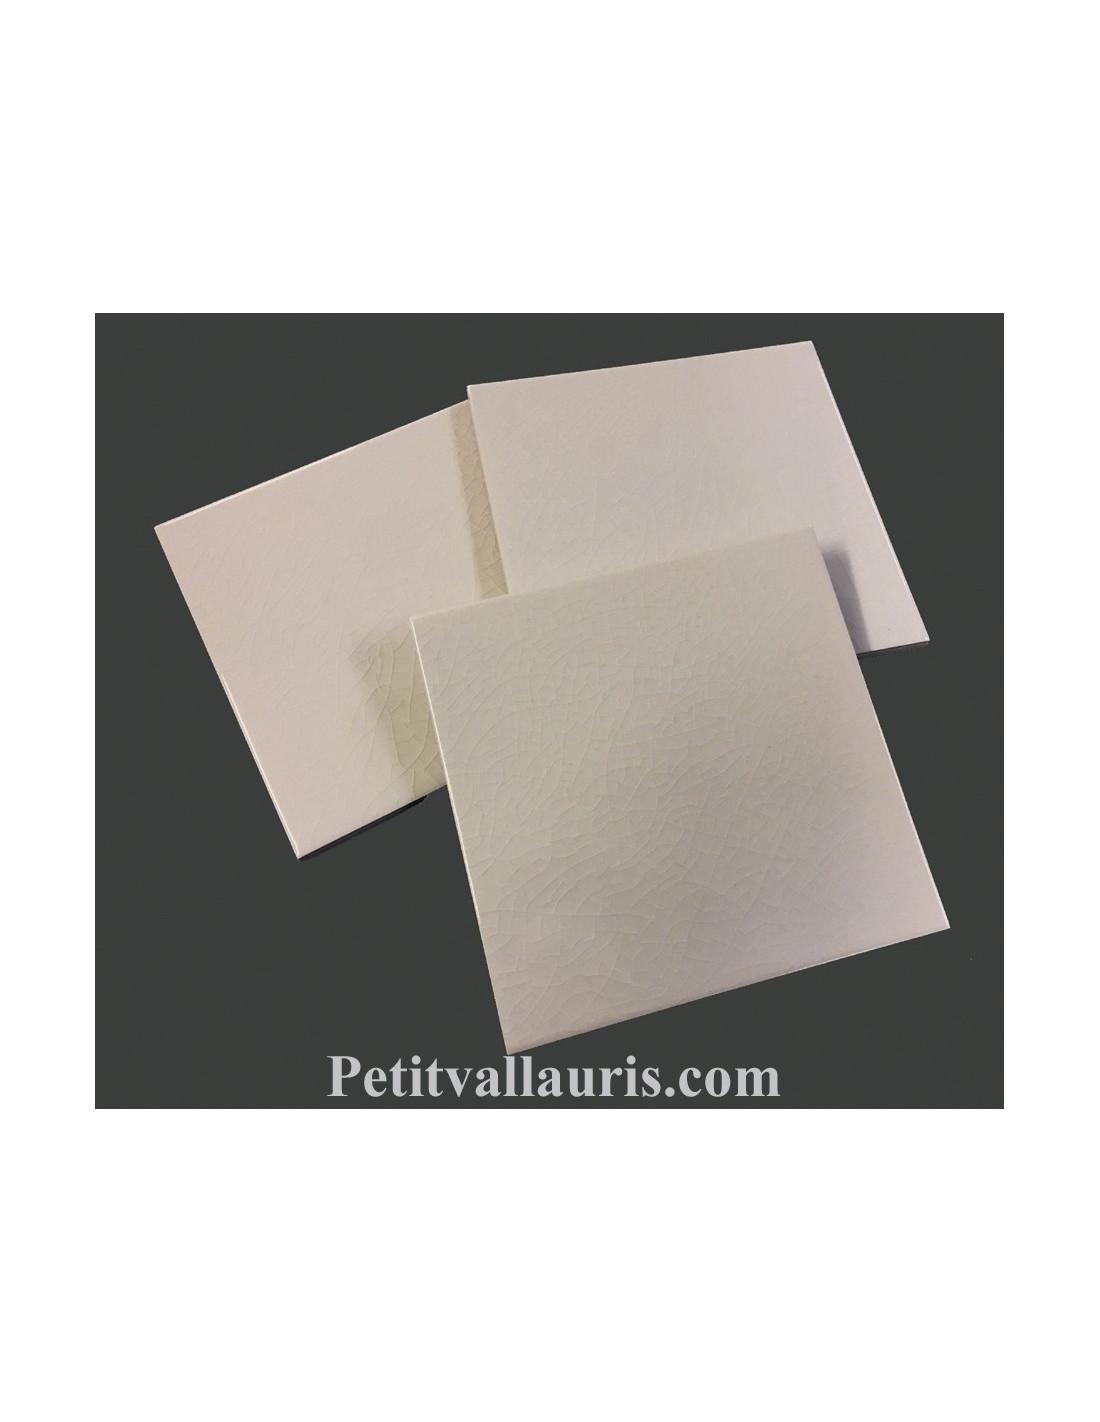 Carreau Faience Emaille Uni Ivoire Blanc Creme Craquele Comme Les Anciens 15 X 15 Cm Epaisseur 0 6 Cm